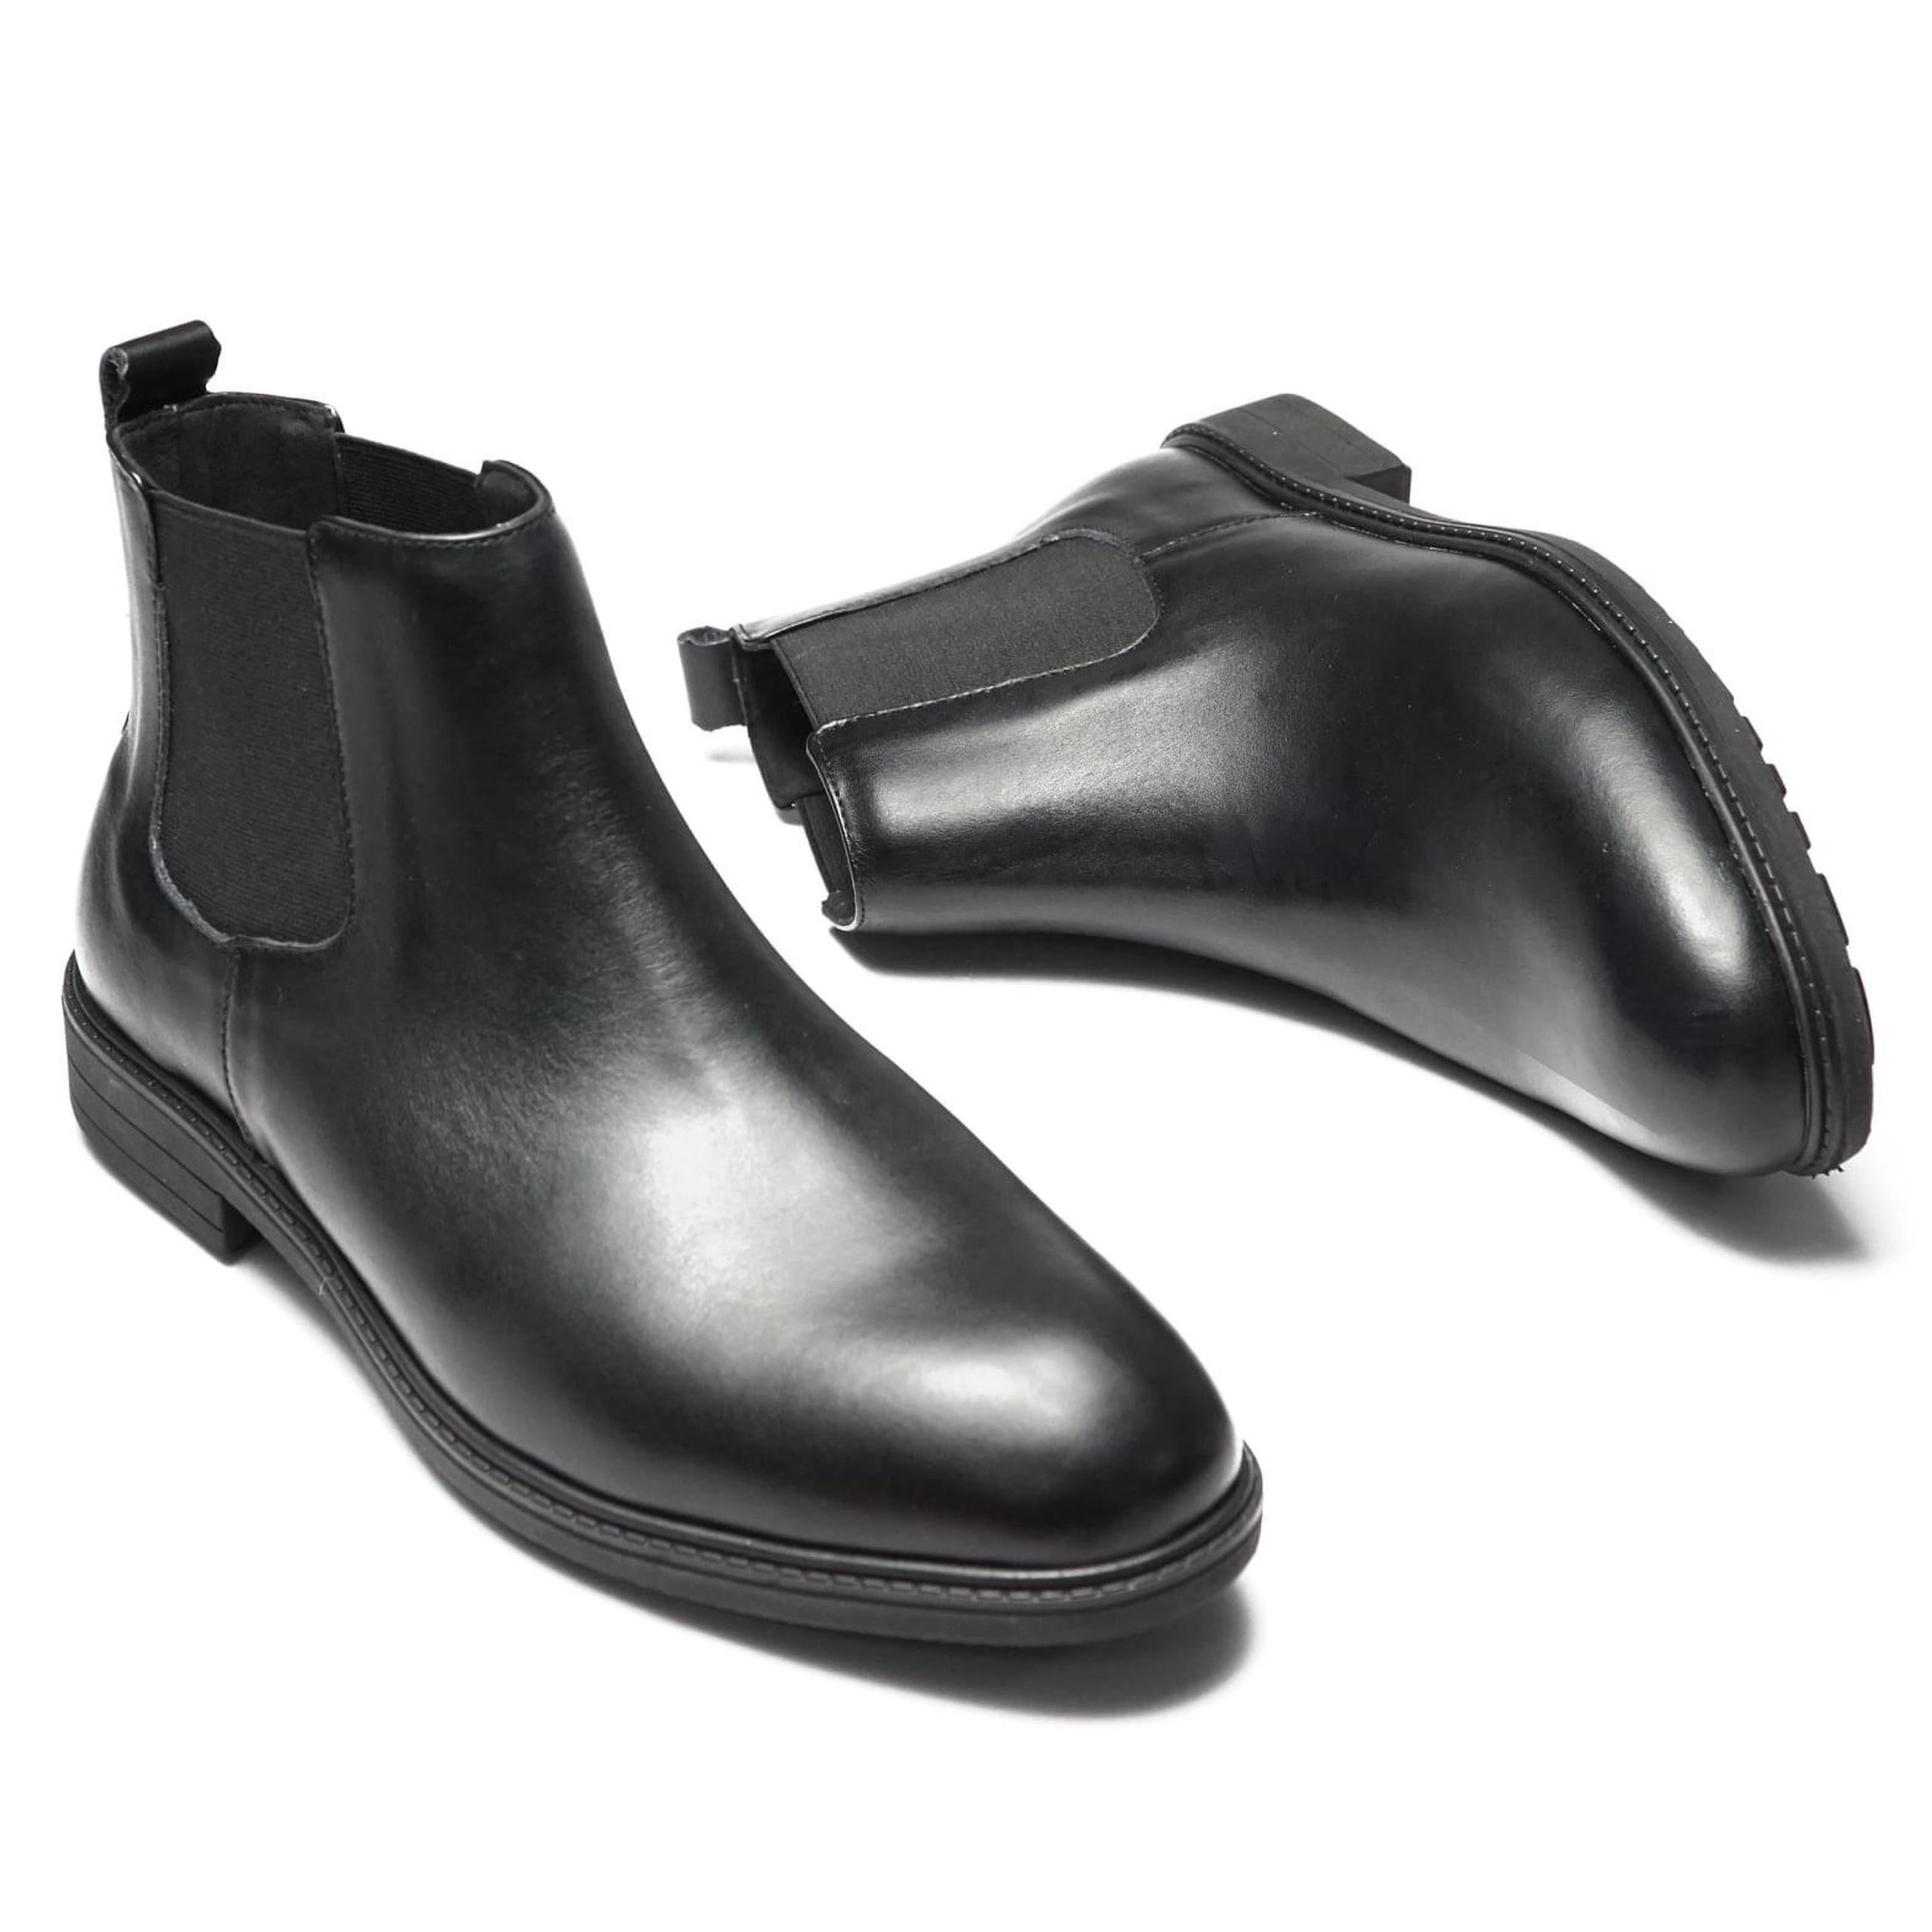 Giày Boots Nam Cổ Cao Chelsea Cao Cấp Chuẩn Form Da Trơn Nhẵn Không Nhăn Không Phình Tôn Dáng - GCN12